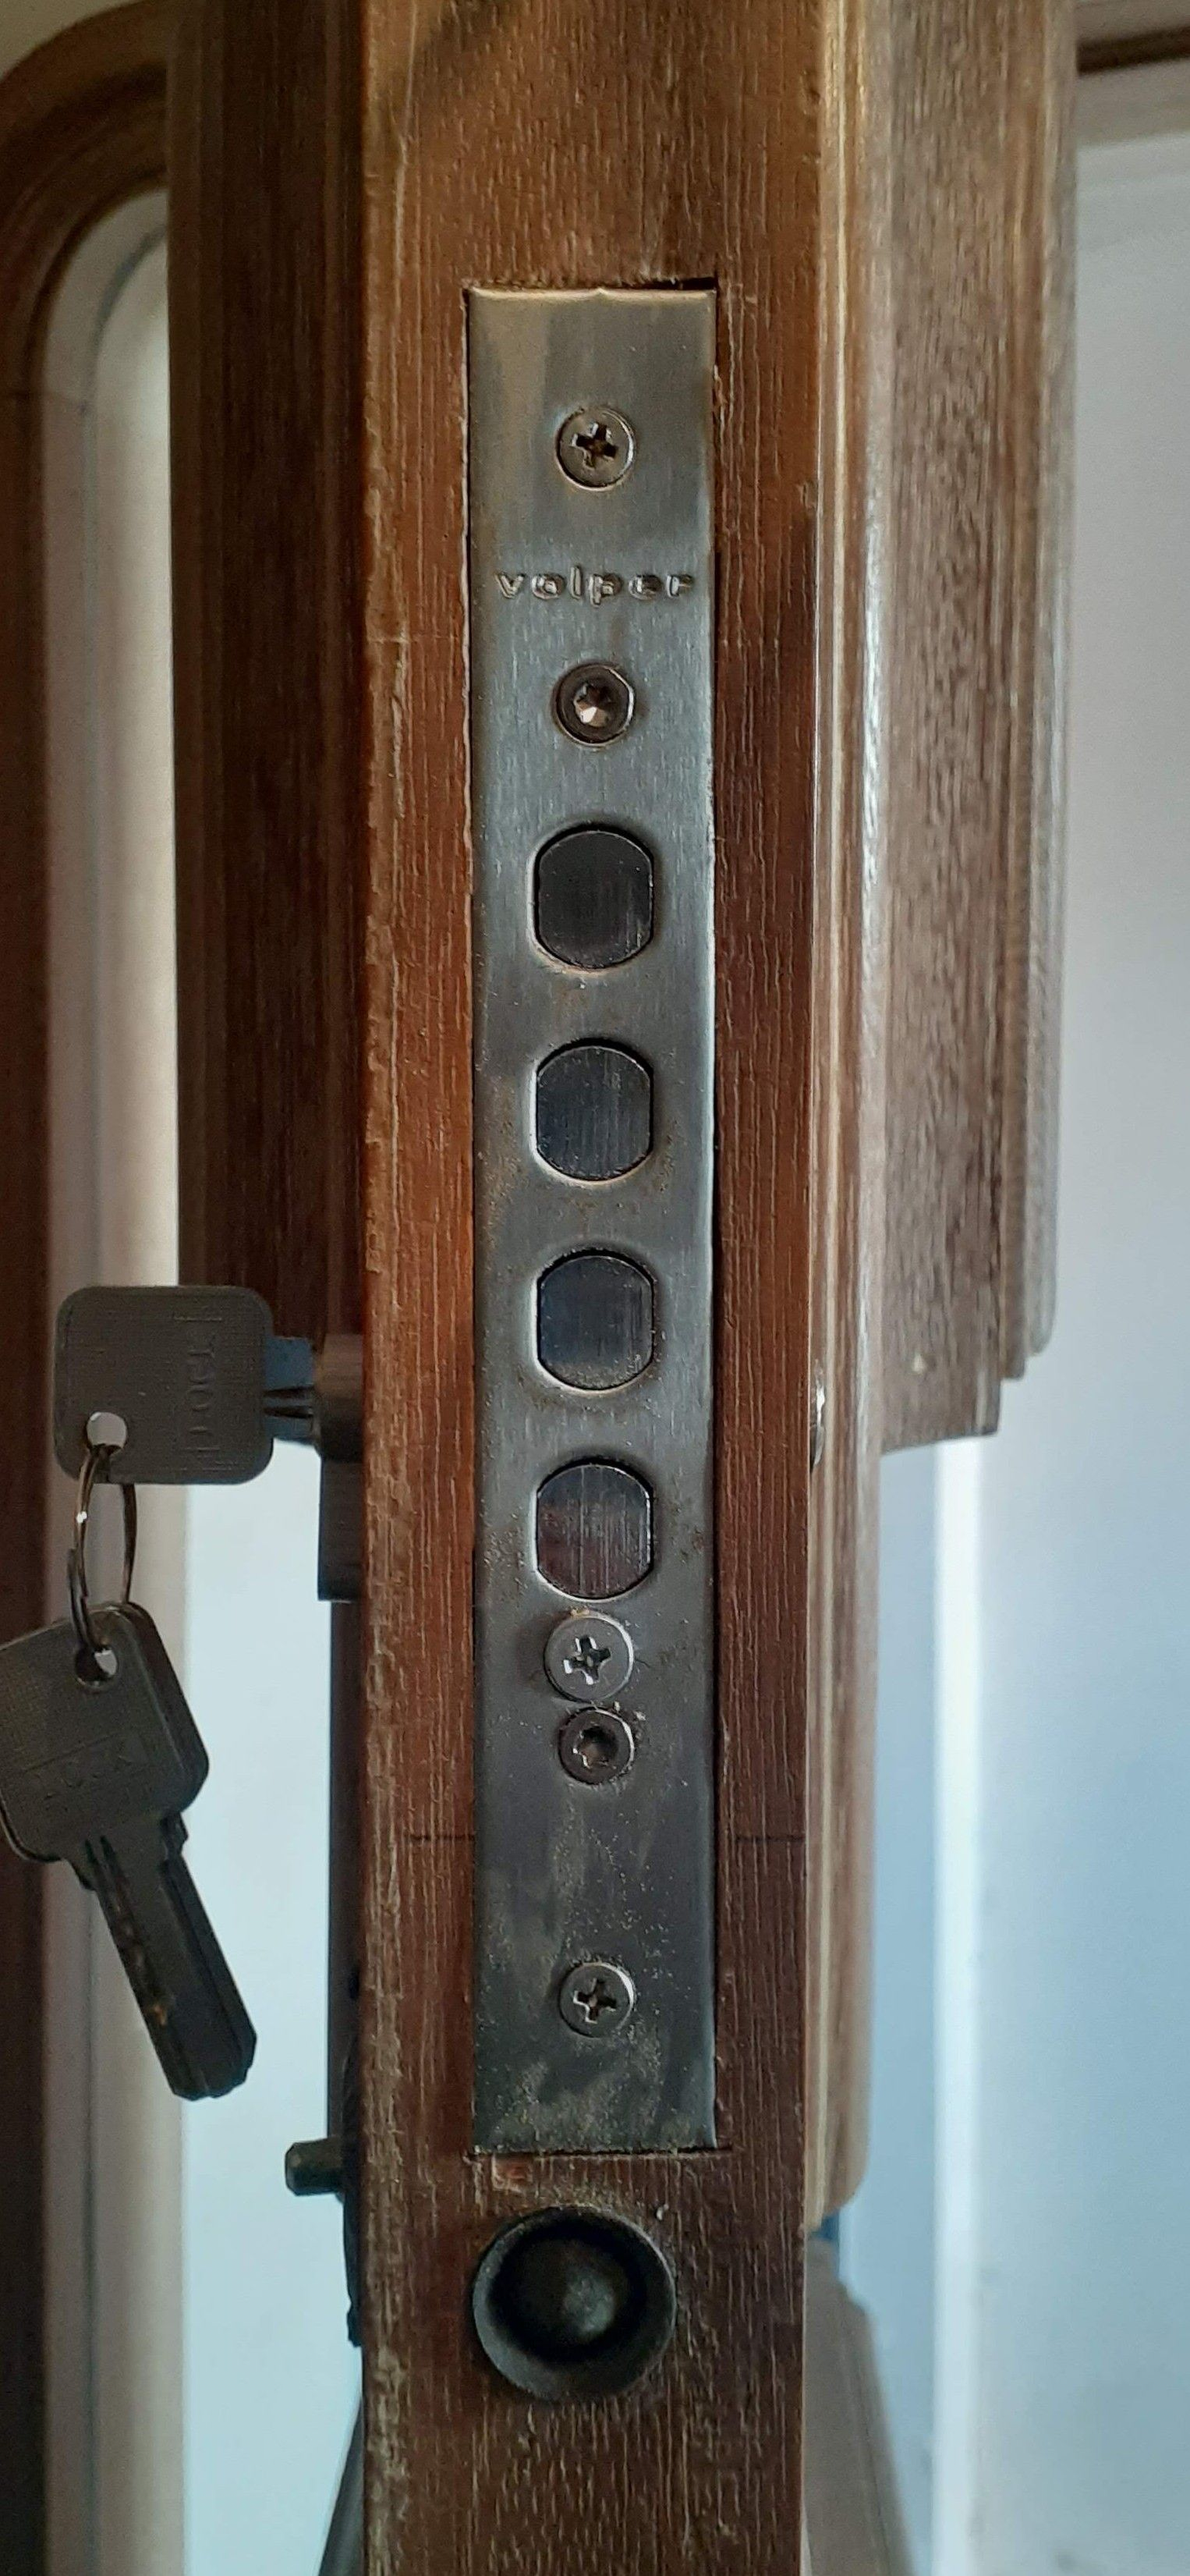 fechadura auxiliar de segurança.